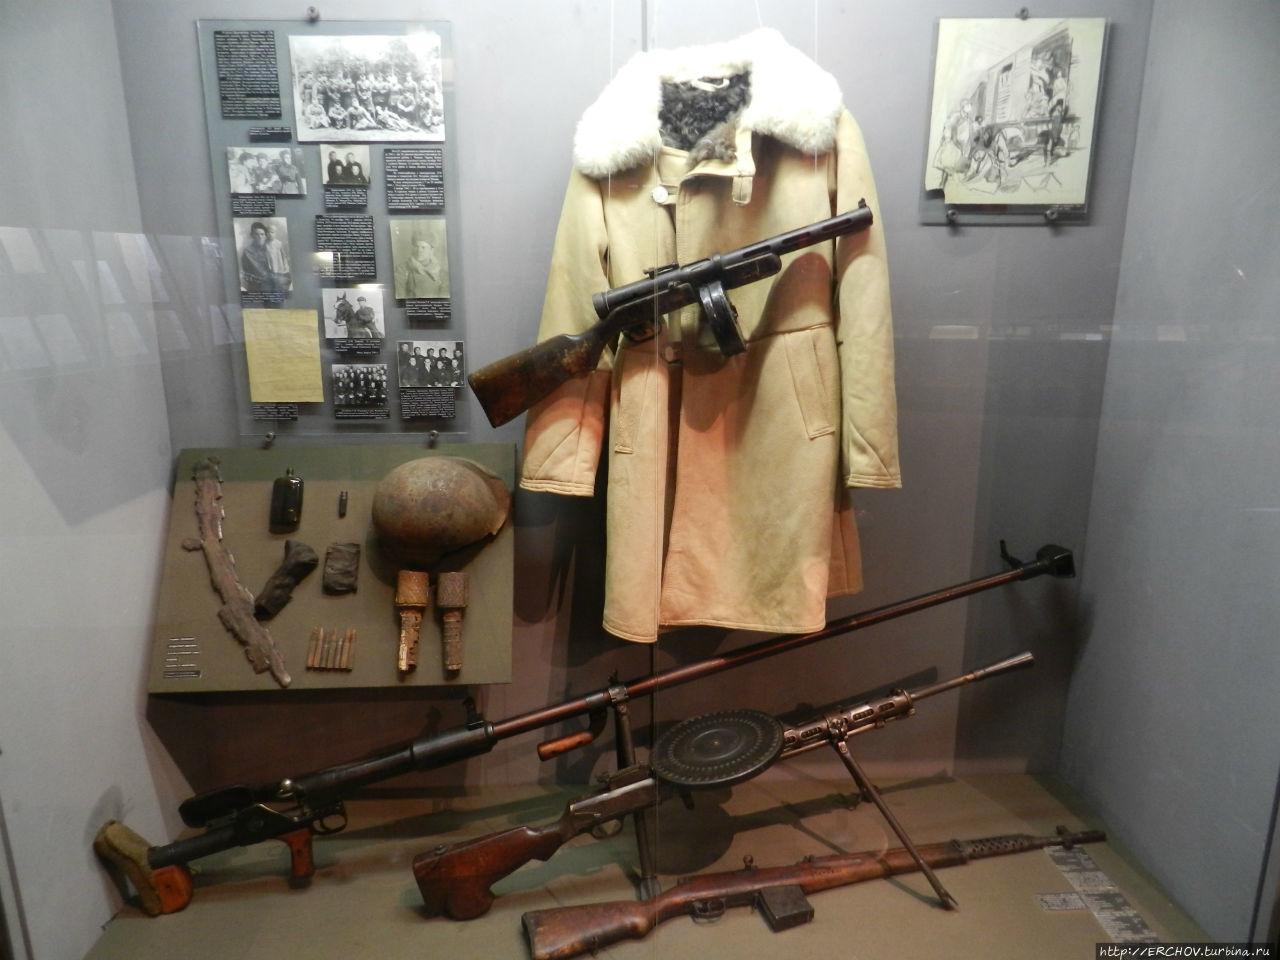 Военные музеи Москвы можно посетить бесплатно Военные музеи Москвы можно посетить бесплатно 02 5